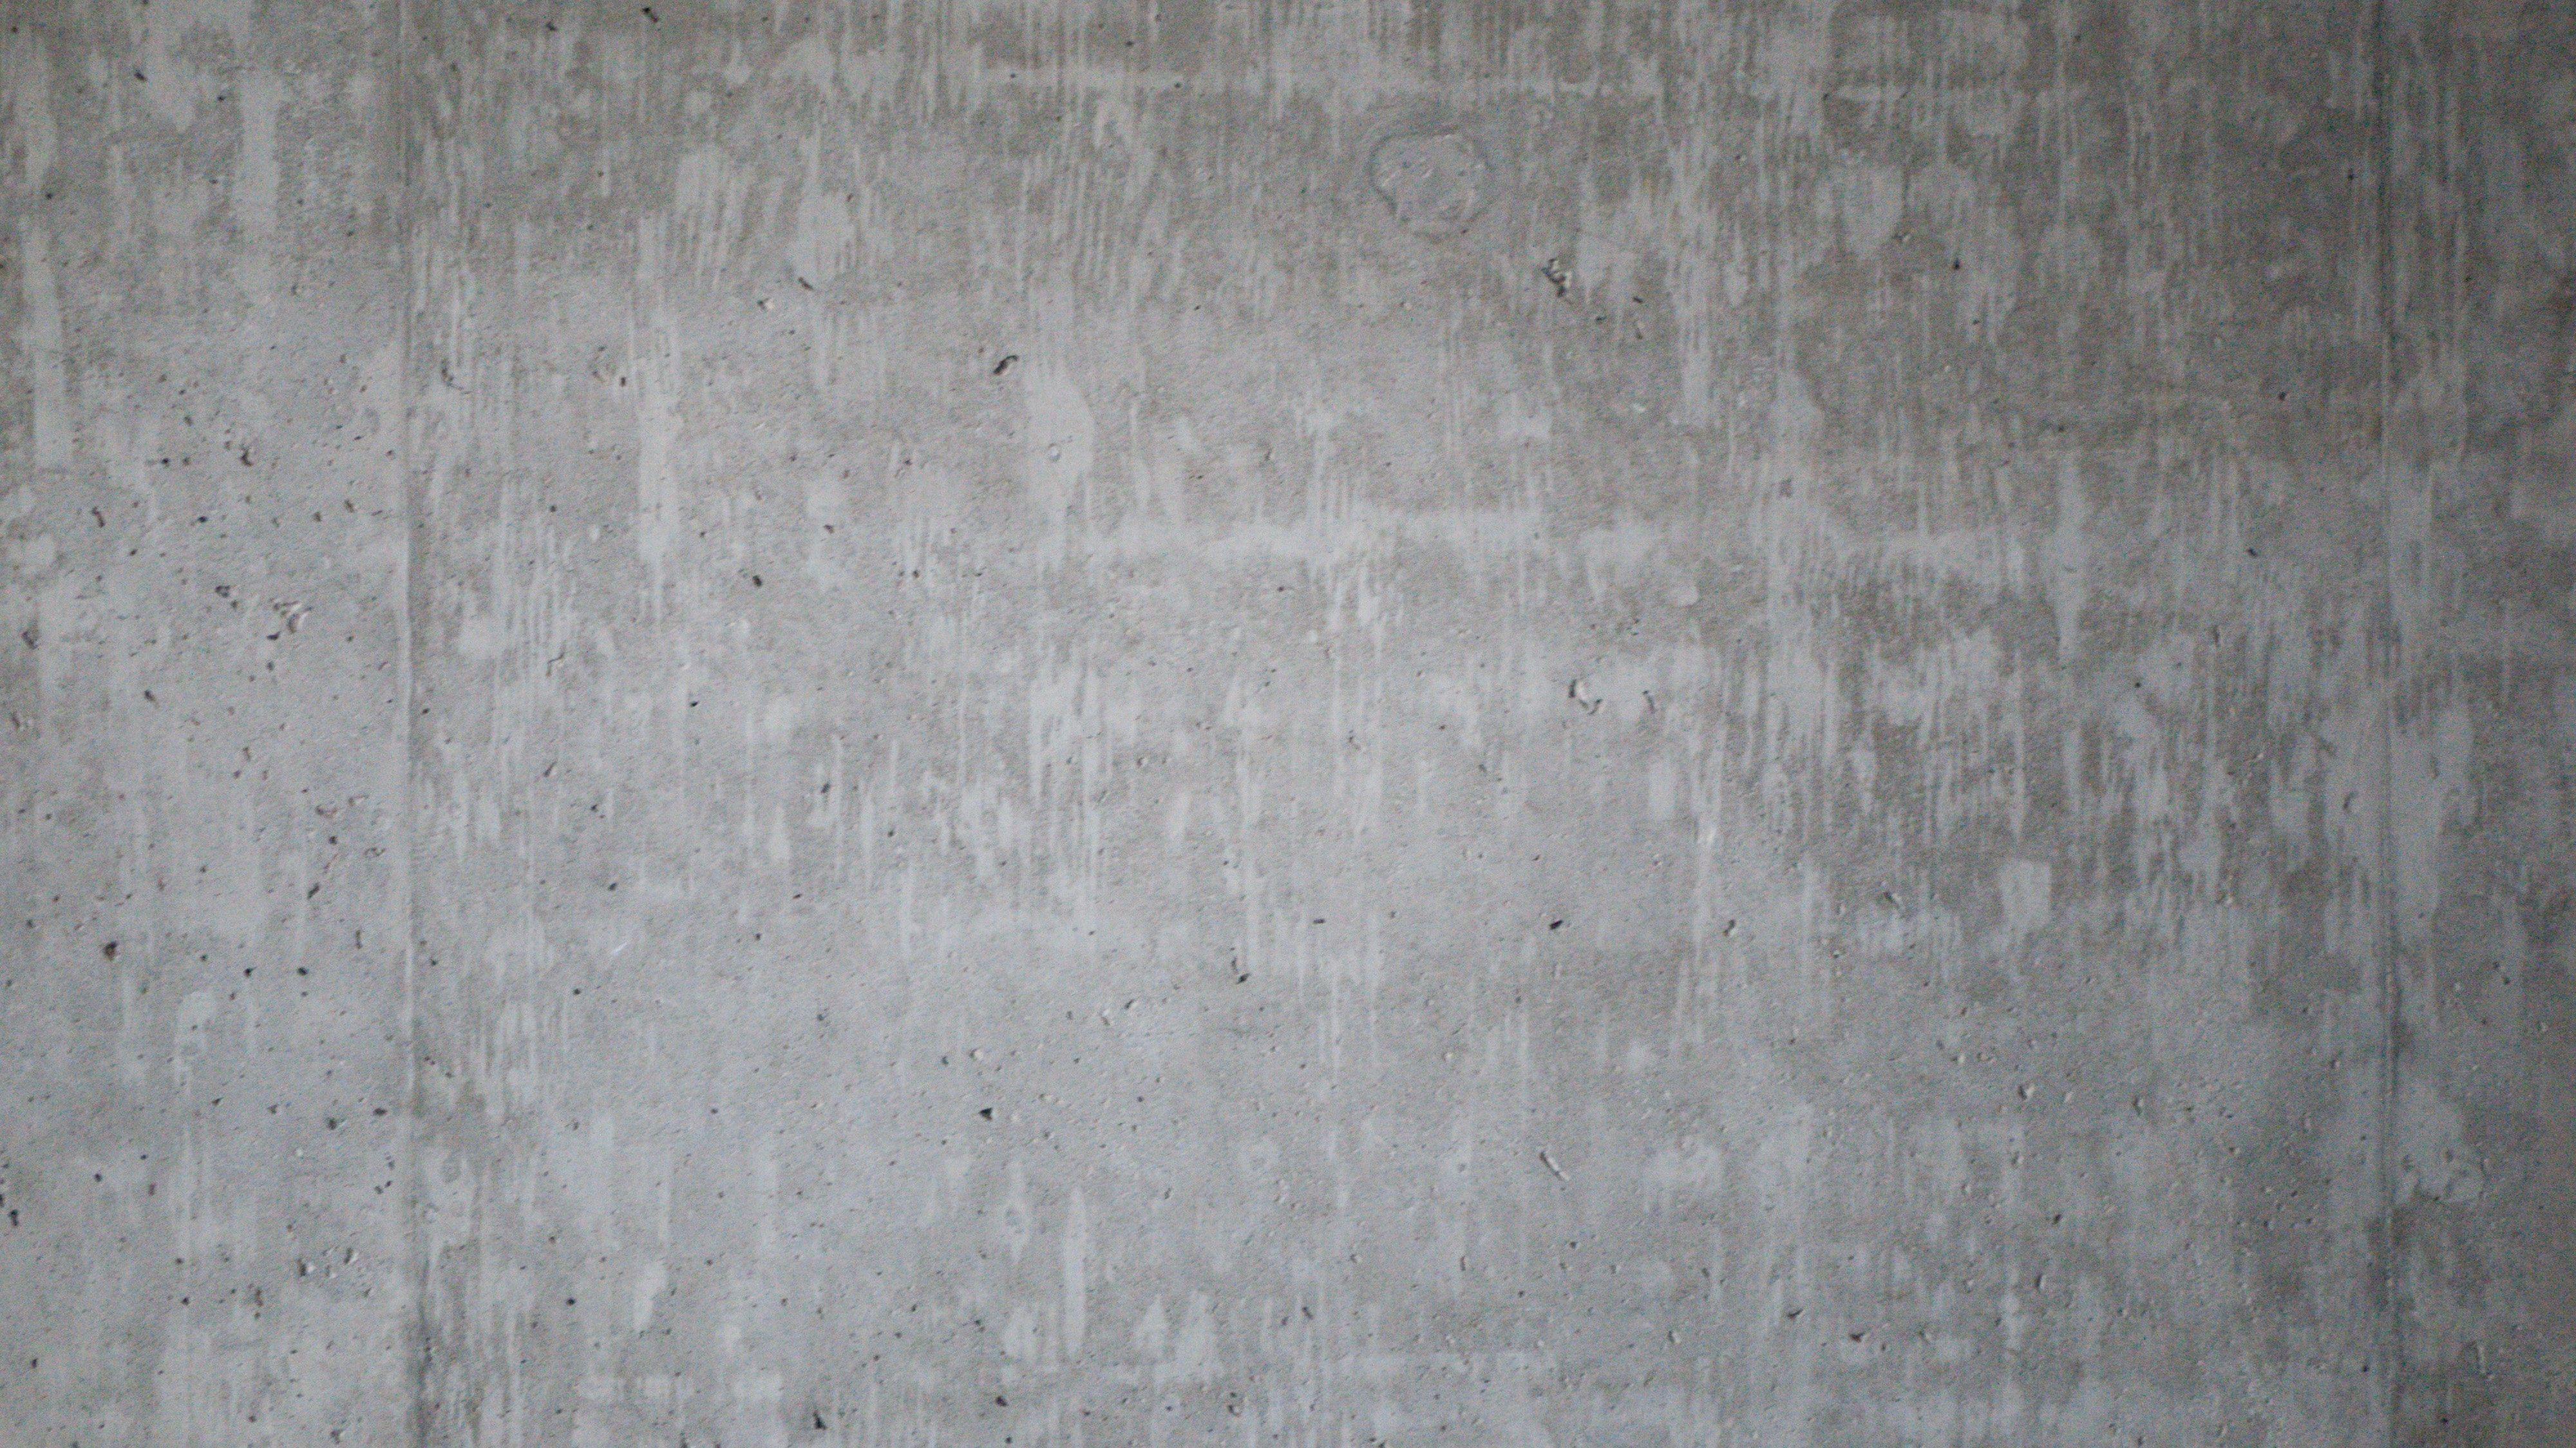 Onfloor_Industrial_Concrete_Floor